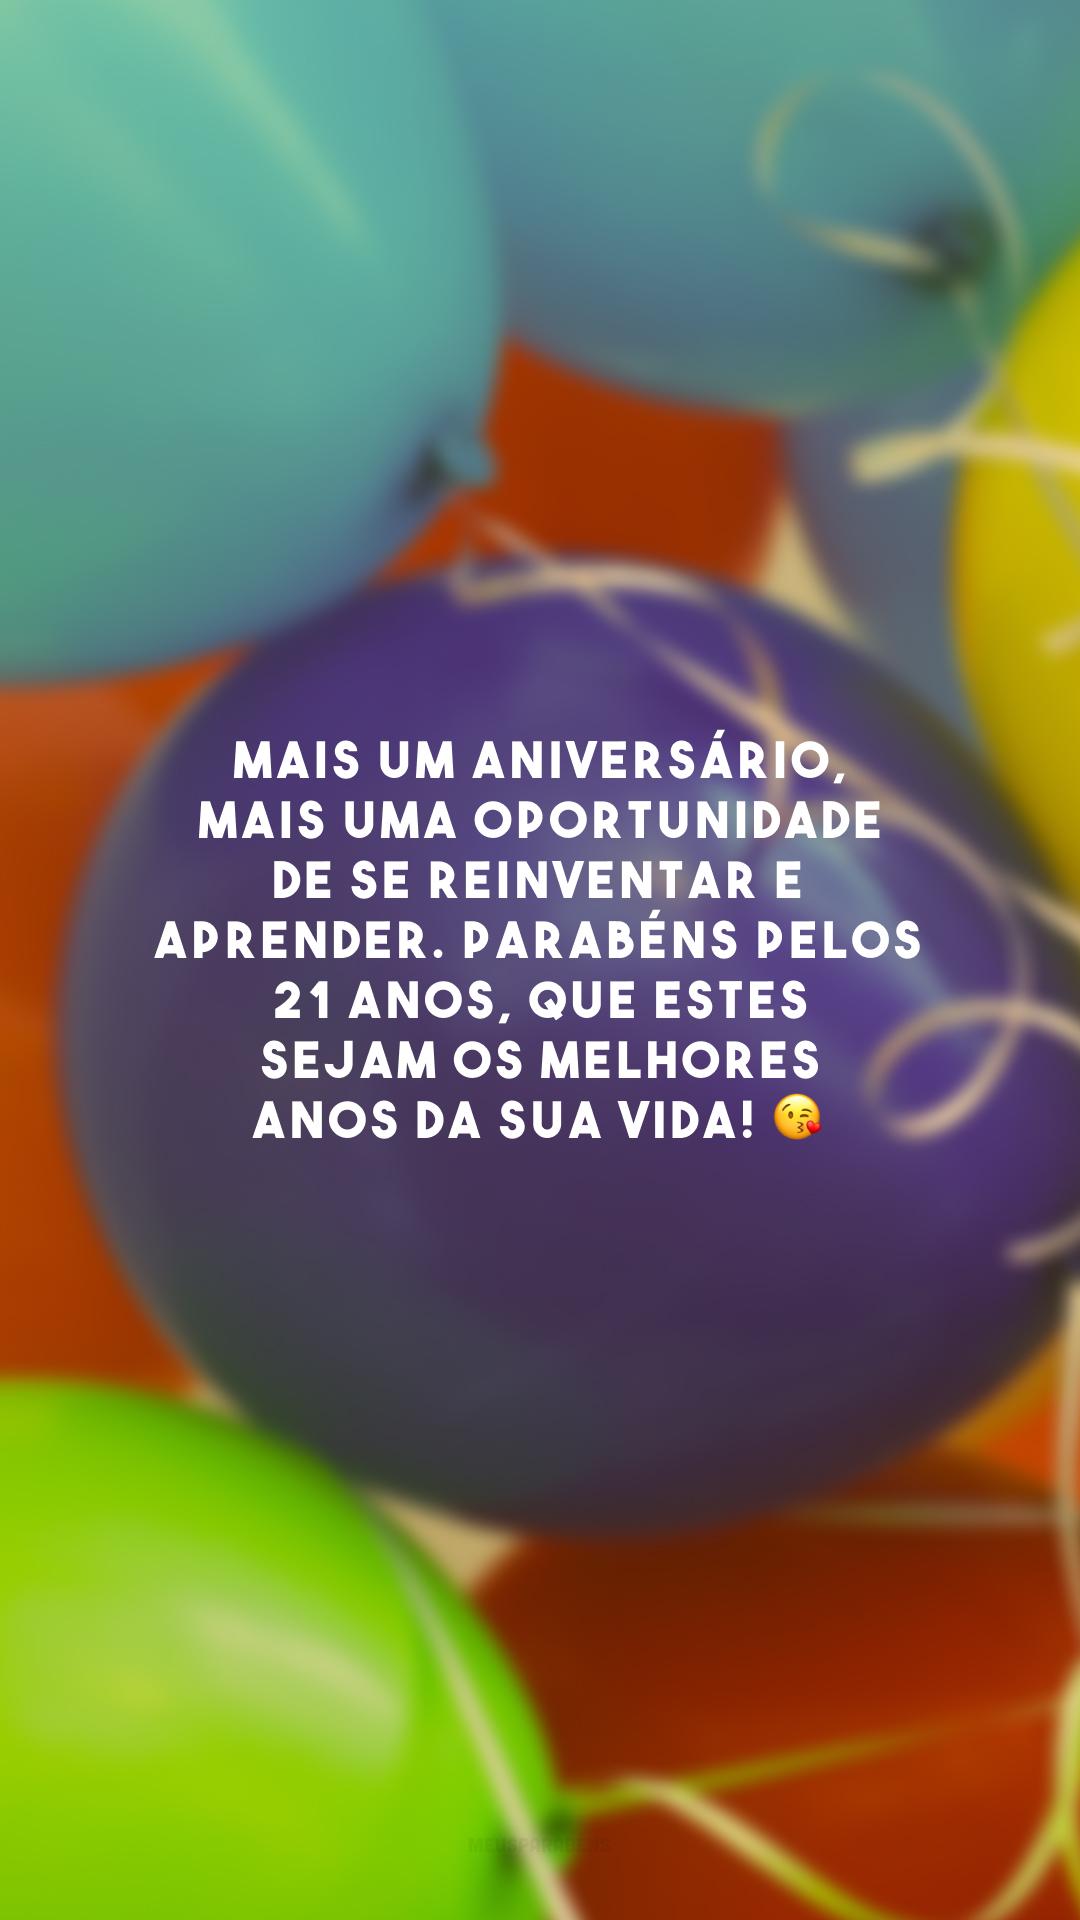 Mais um aniversário, mais uma oportunidade de se reinventar e aprender. Parabéns pelos 21 anos, que estes sejam os melhores anos da sua vida! 😘